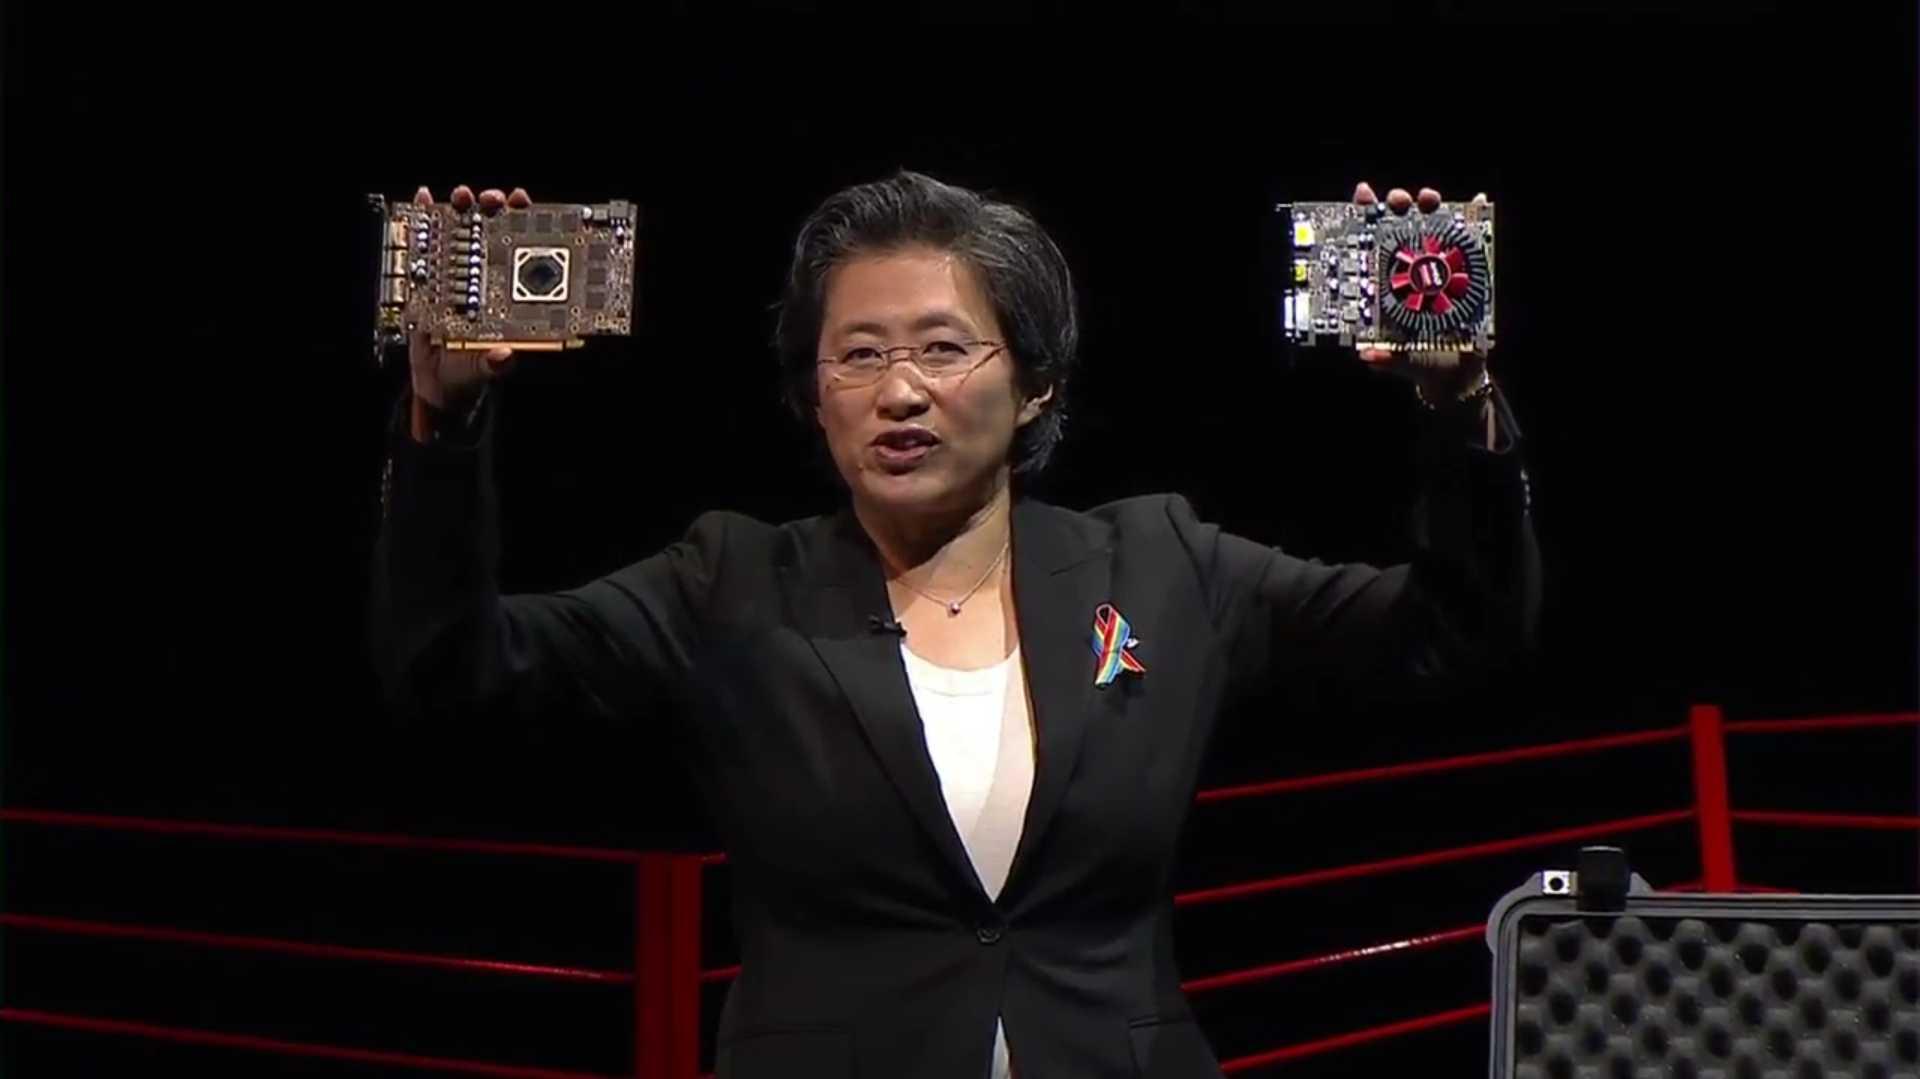 Günstig gamen: AMD kündigt Radeon RX470 für Full HD und RX460 für E-Sports an